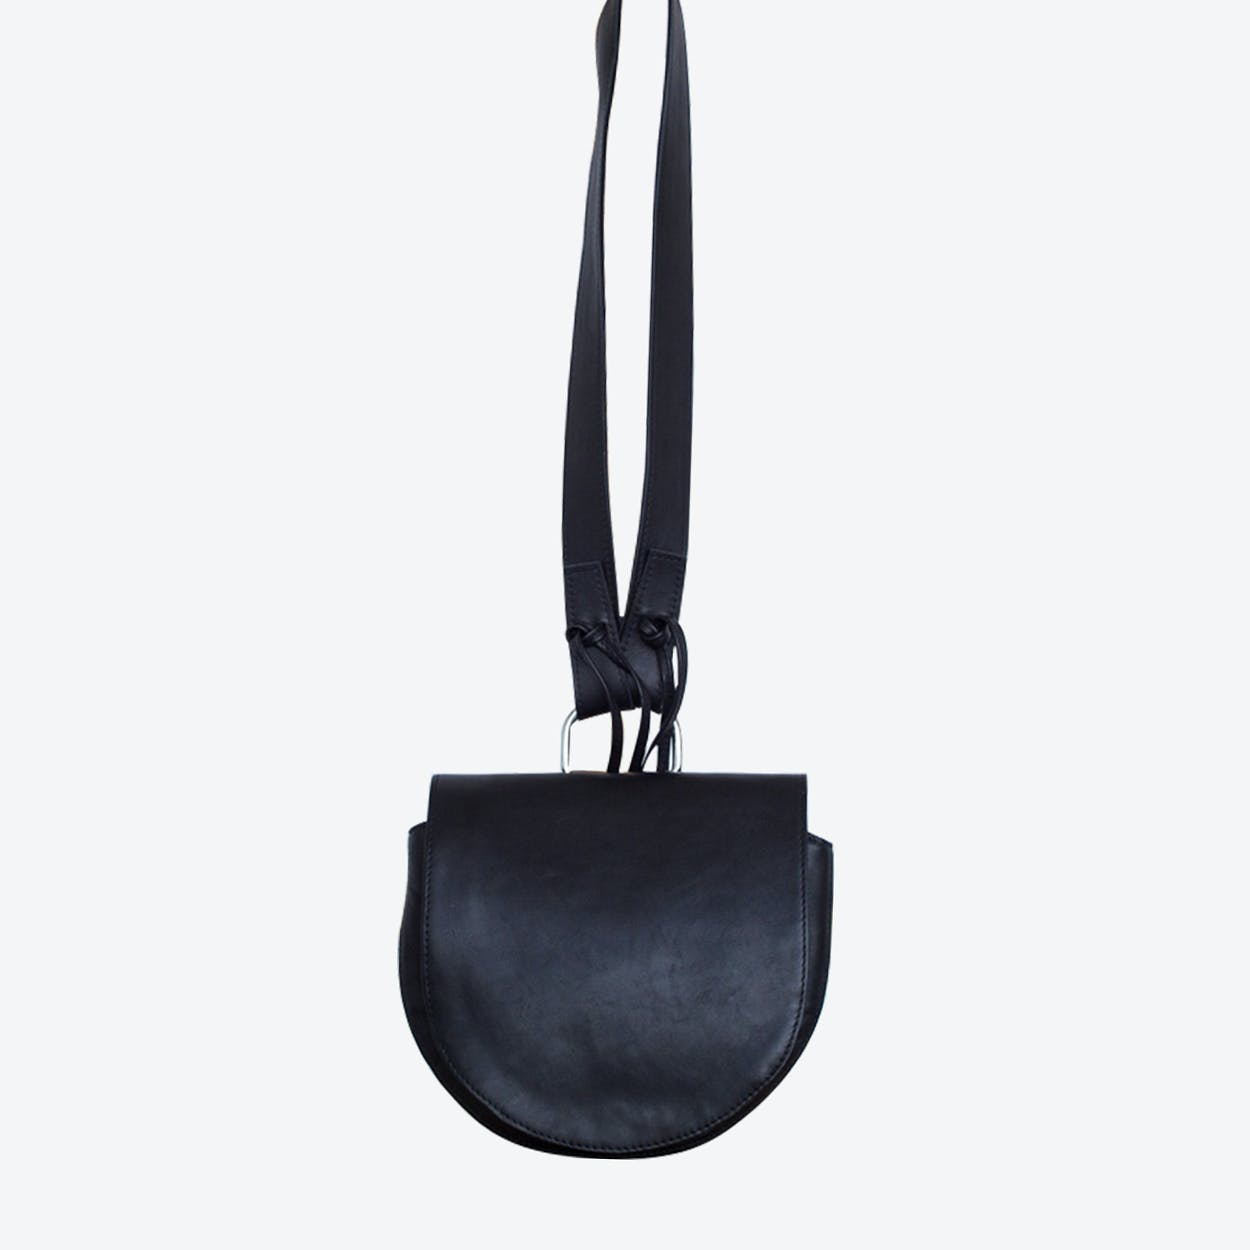 Pluto Shoulder Bag in Black